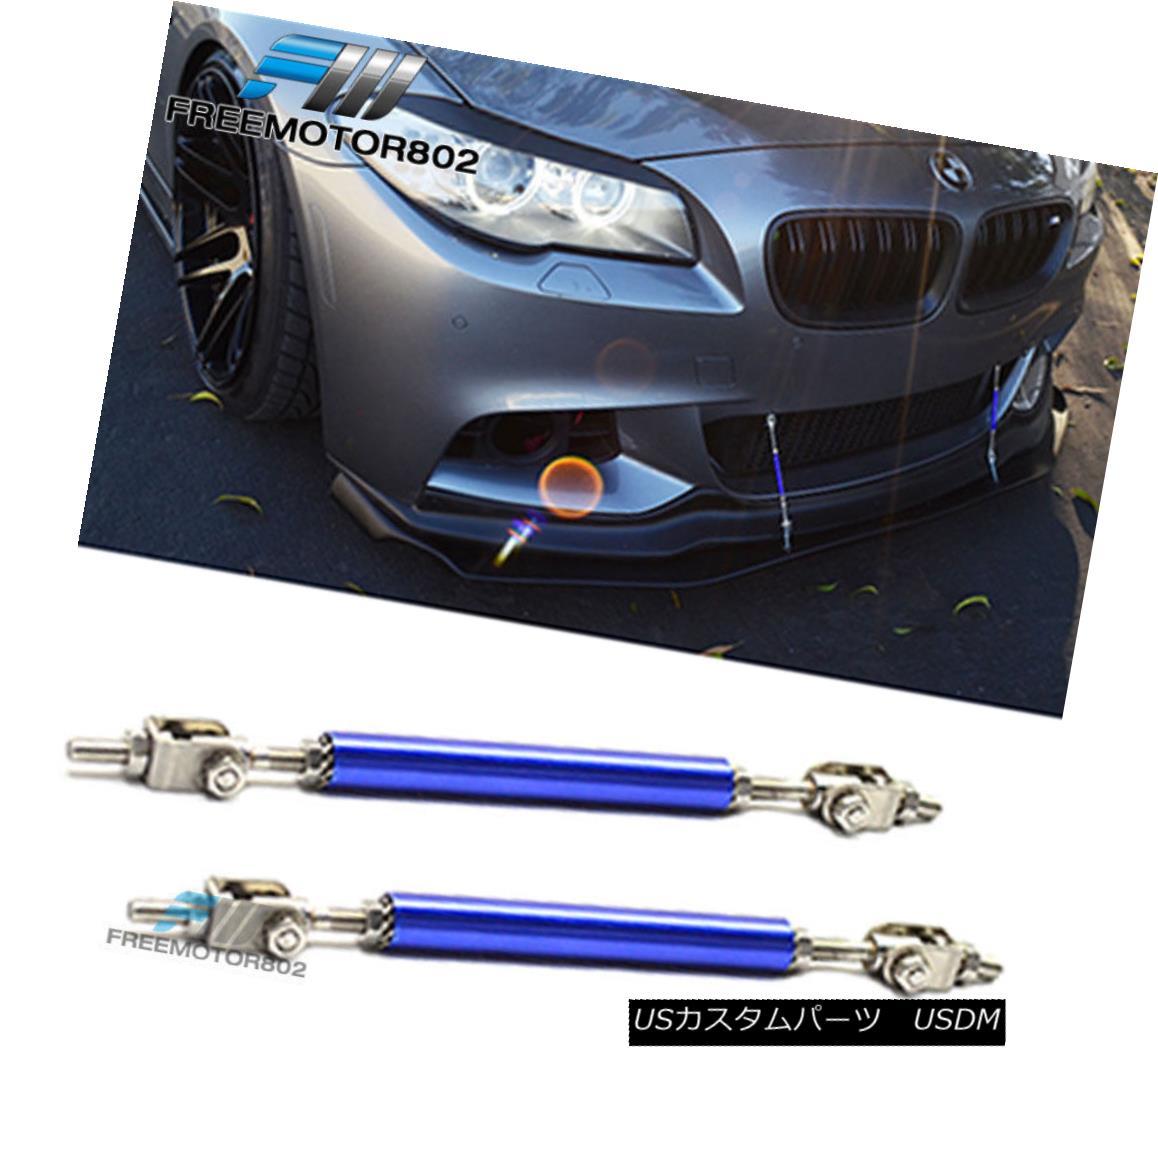 エアロパーツ Front Rear Splitter Lip Spoiler Rod Support Adjustable 5.5-8 Inch Universal フロントリアスプリッターリップスポイラーロッドサポート調節可能5.5-8インチユニバーサル